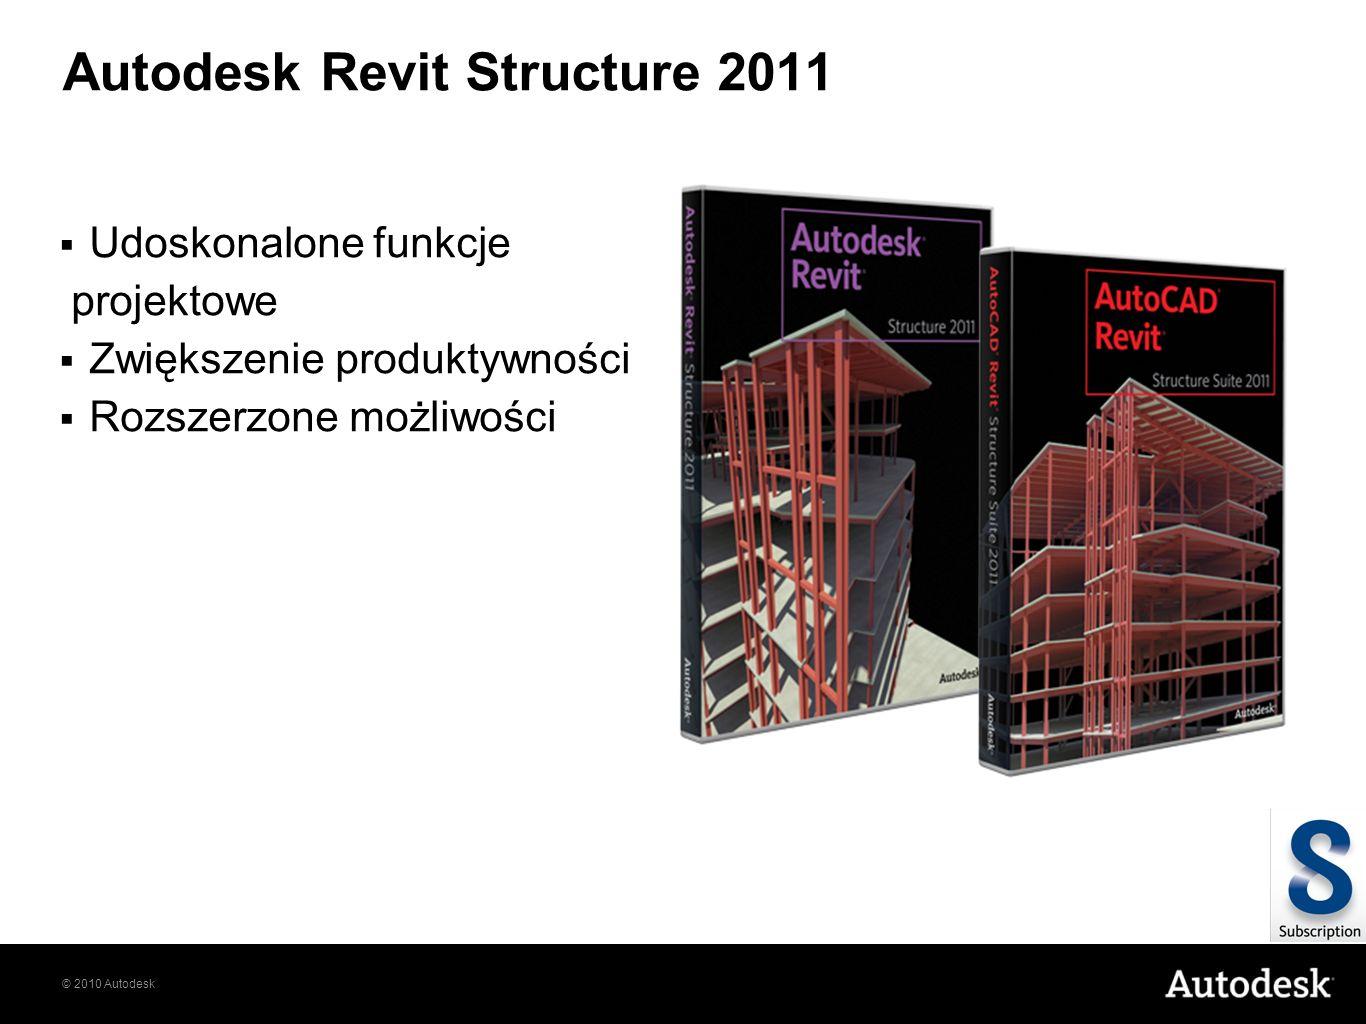 © 2010 Autodesk Autodesk Revit Structure 2011 Udoskonalone funkcje projektowe Zwiększenie produktywności Rozszerzone możliwości